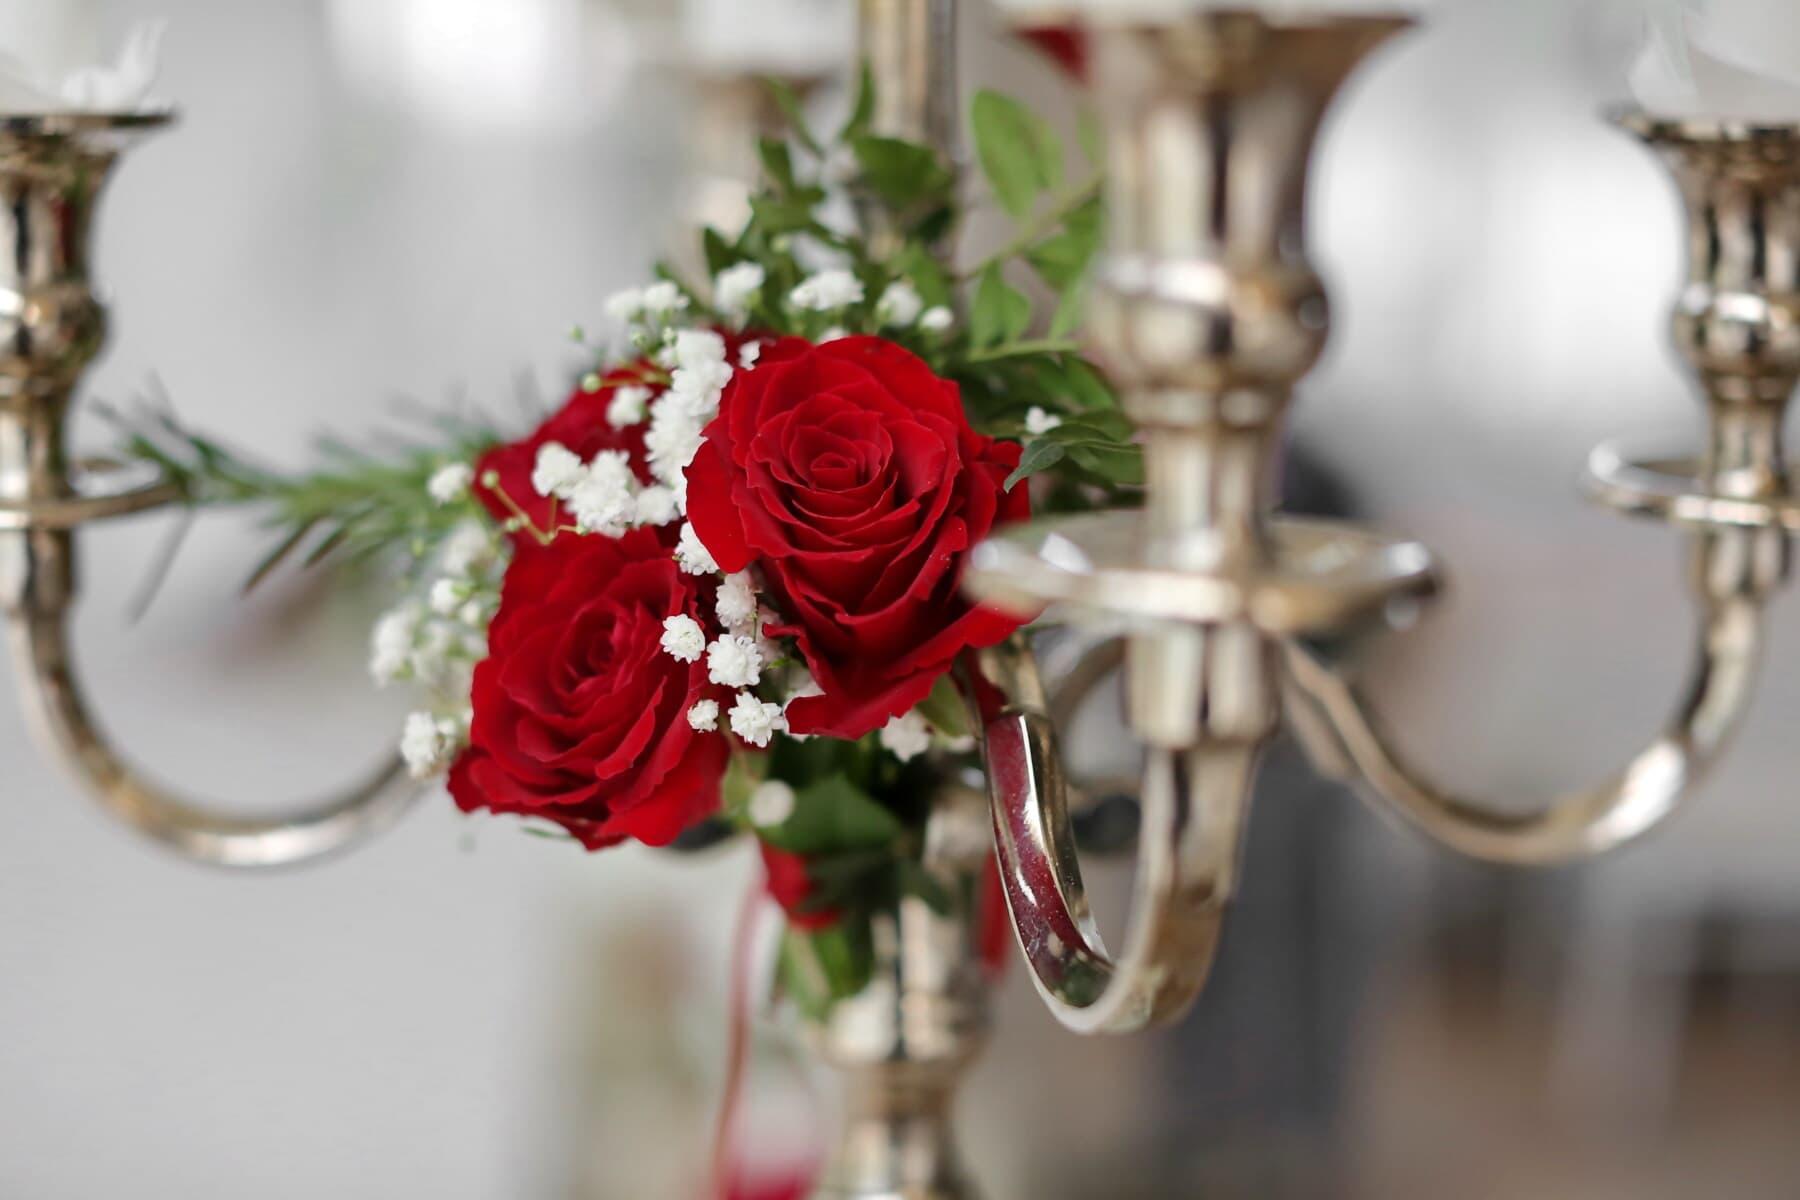 Kerzen, Leuchter, Barock, Stil, aus nächster Nähe, Dekoration, goldener Schein, glänzend, Anordnung, stieg